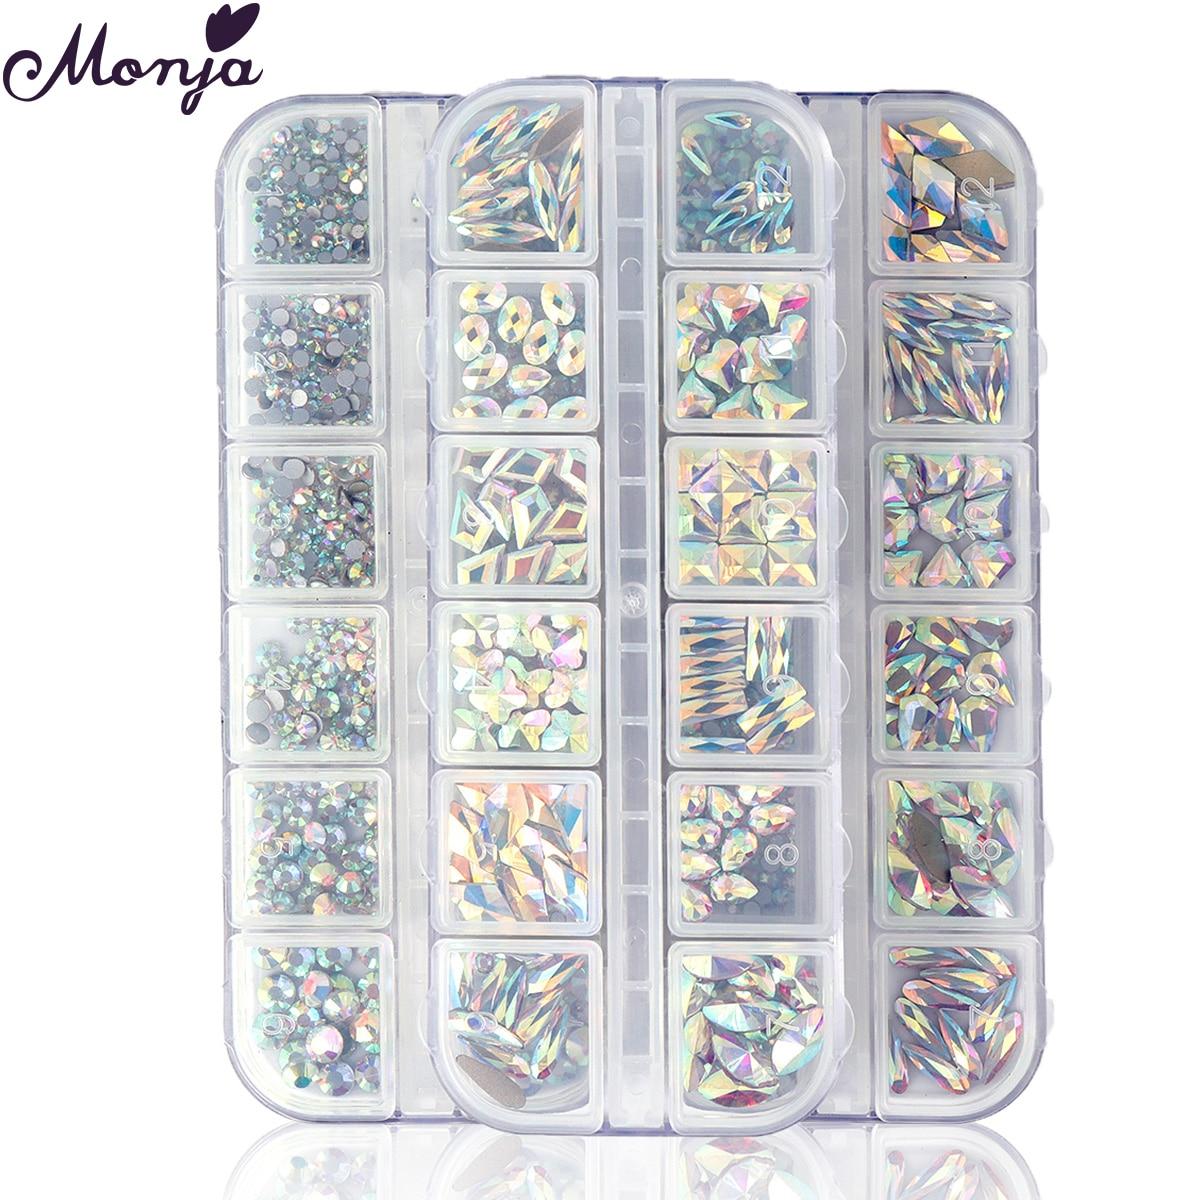 Monja 12 сетки/коробка 3D Шарм Красочные мульти-разных размеров Форма с украшением в виде кристаллов украшения искусства ногтя AB плоские стразы ...